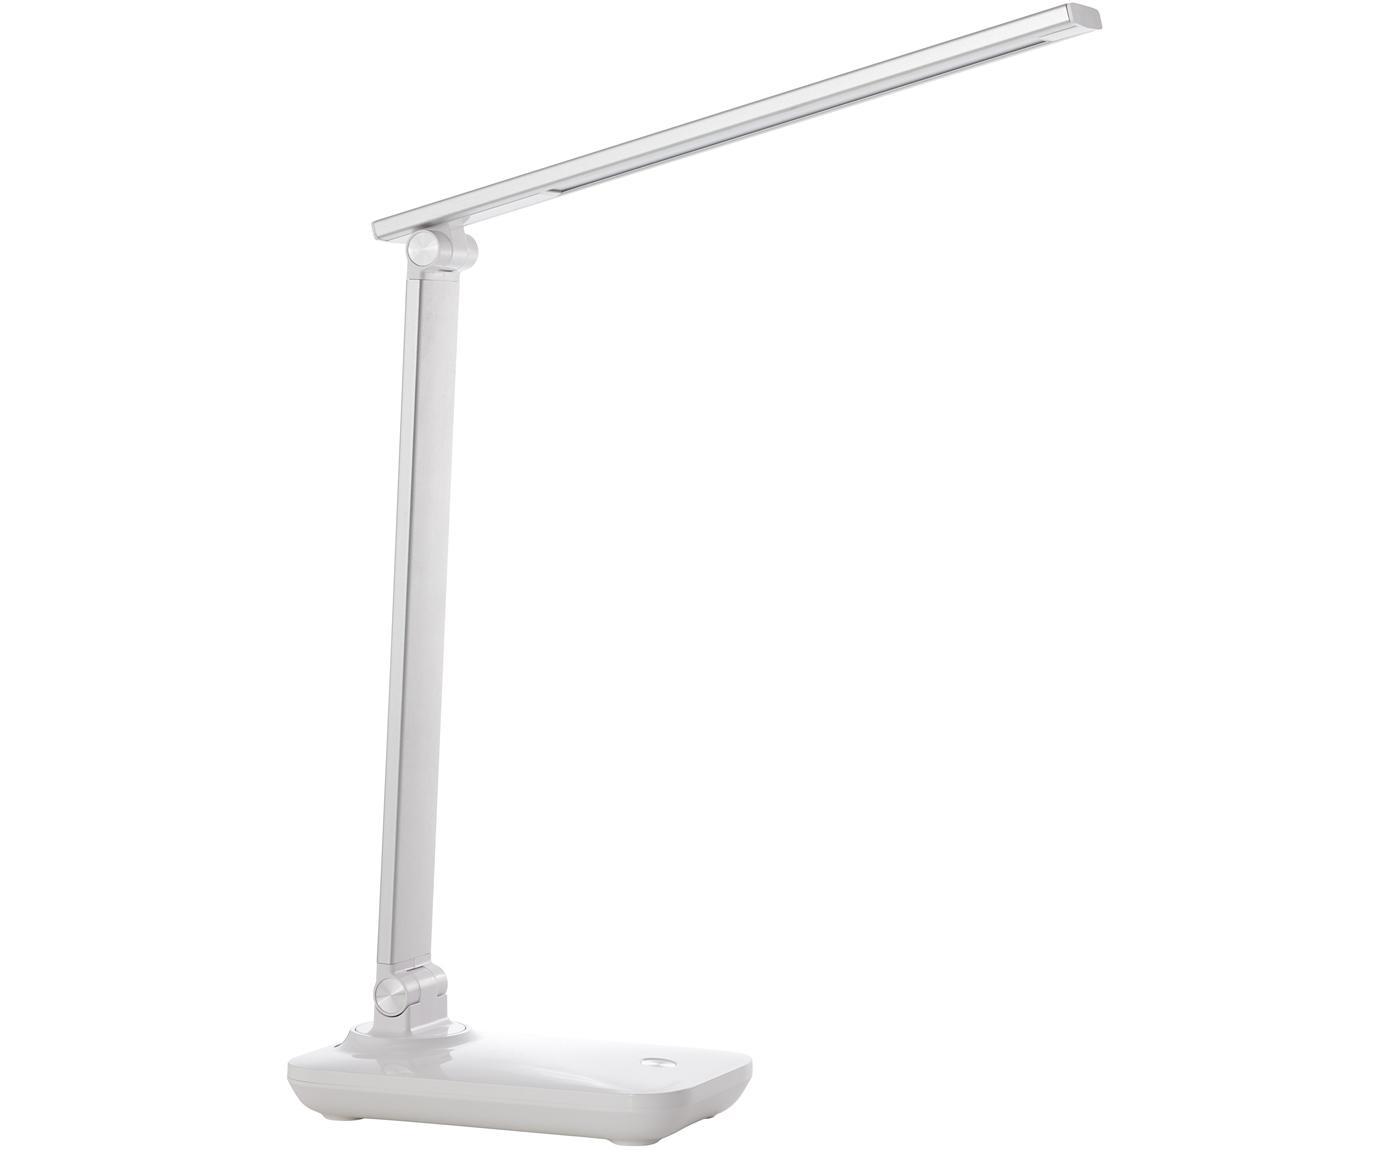 Dimbare LED tafellamp Leonora, Metaal, kunststof, Wit, zilverkleurig, 10 x 36 cm